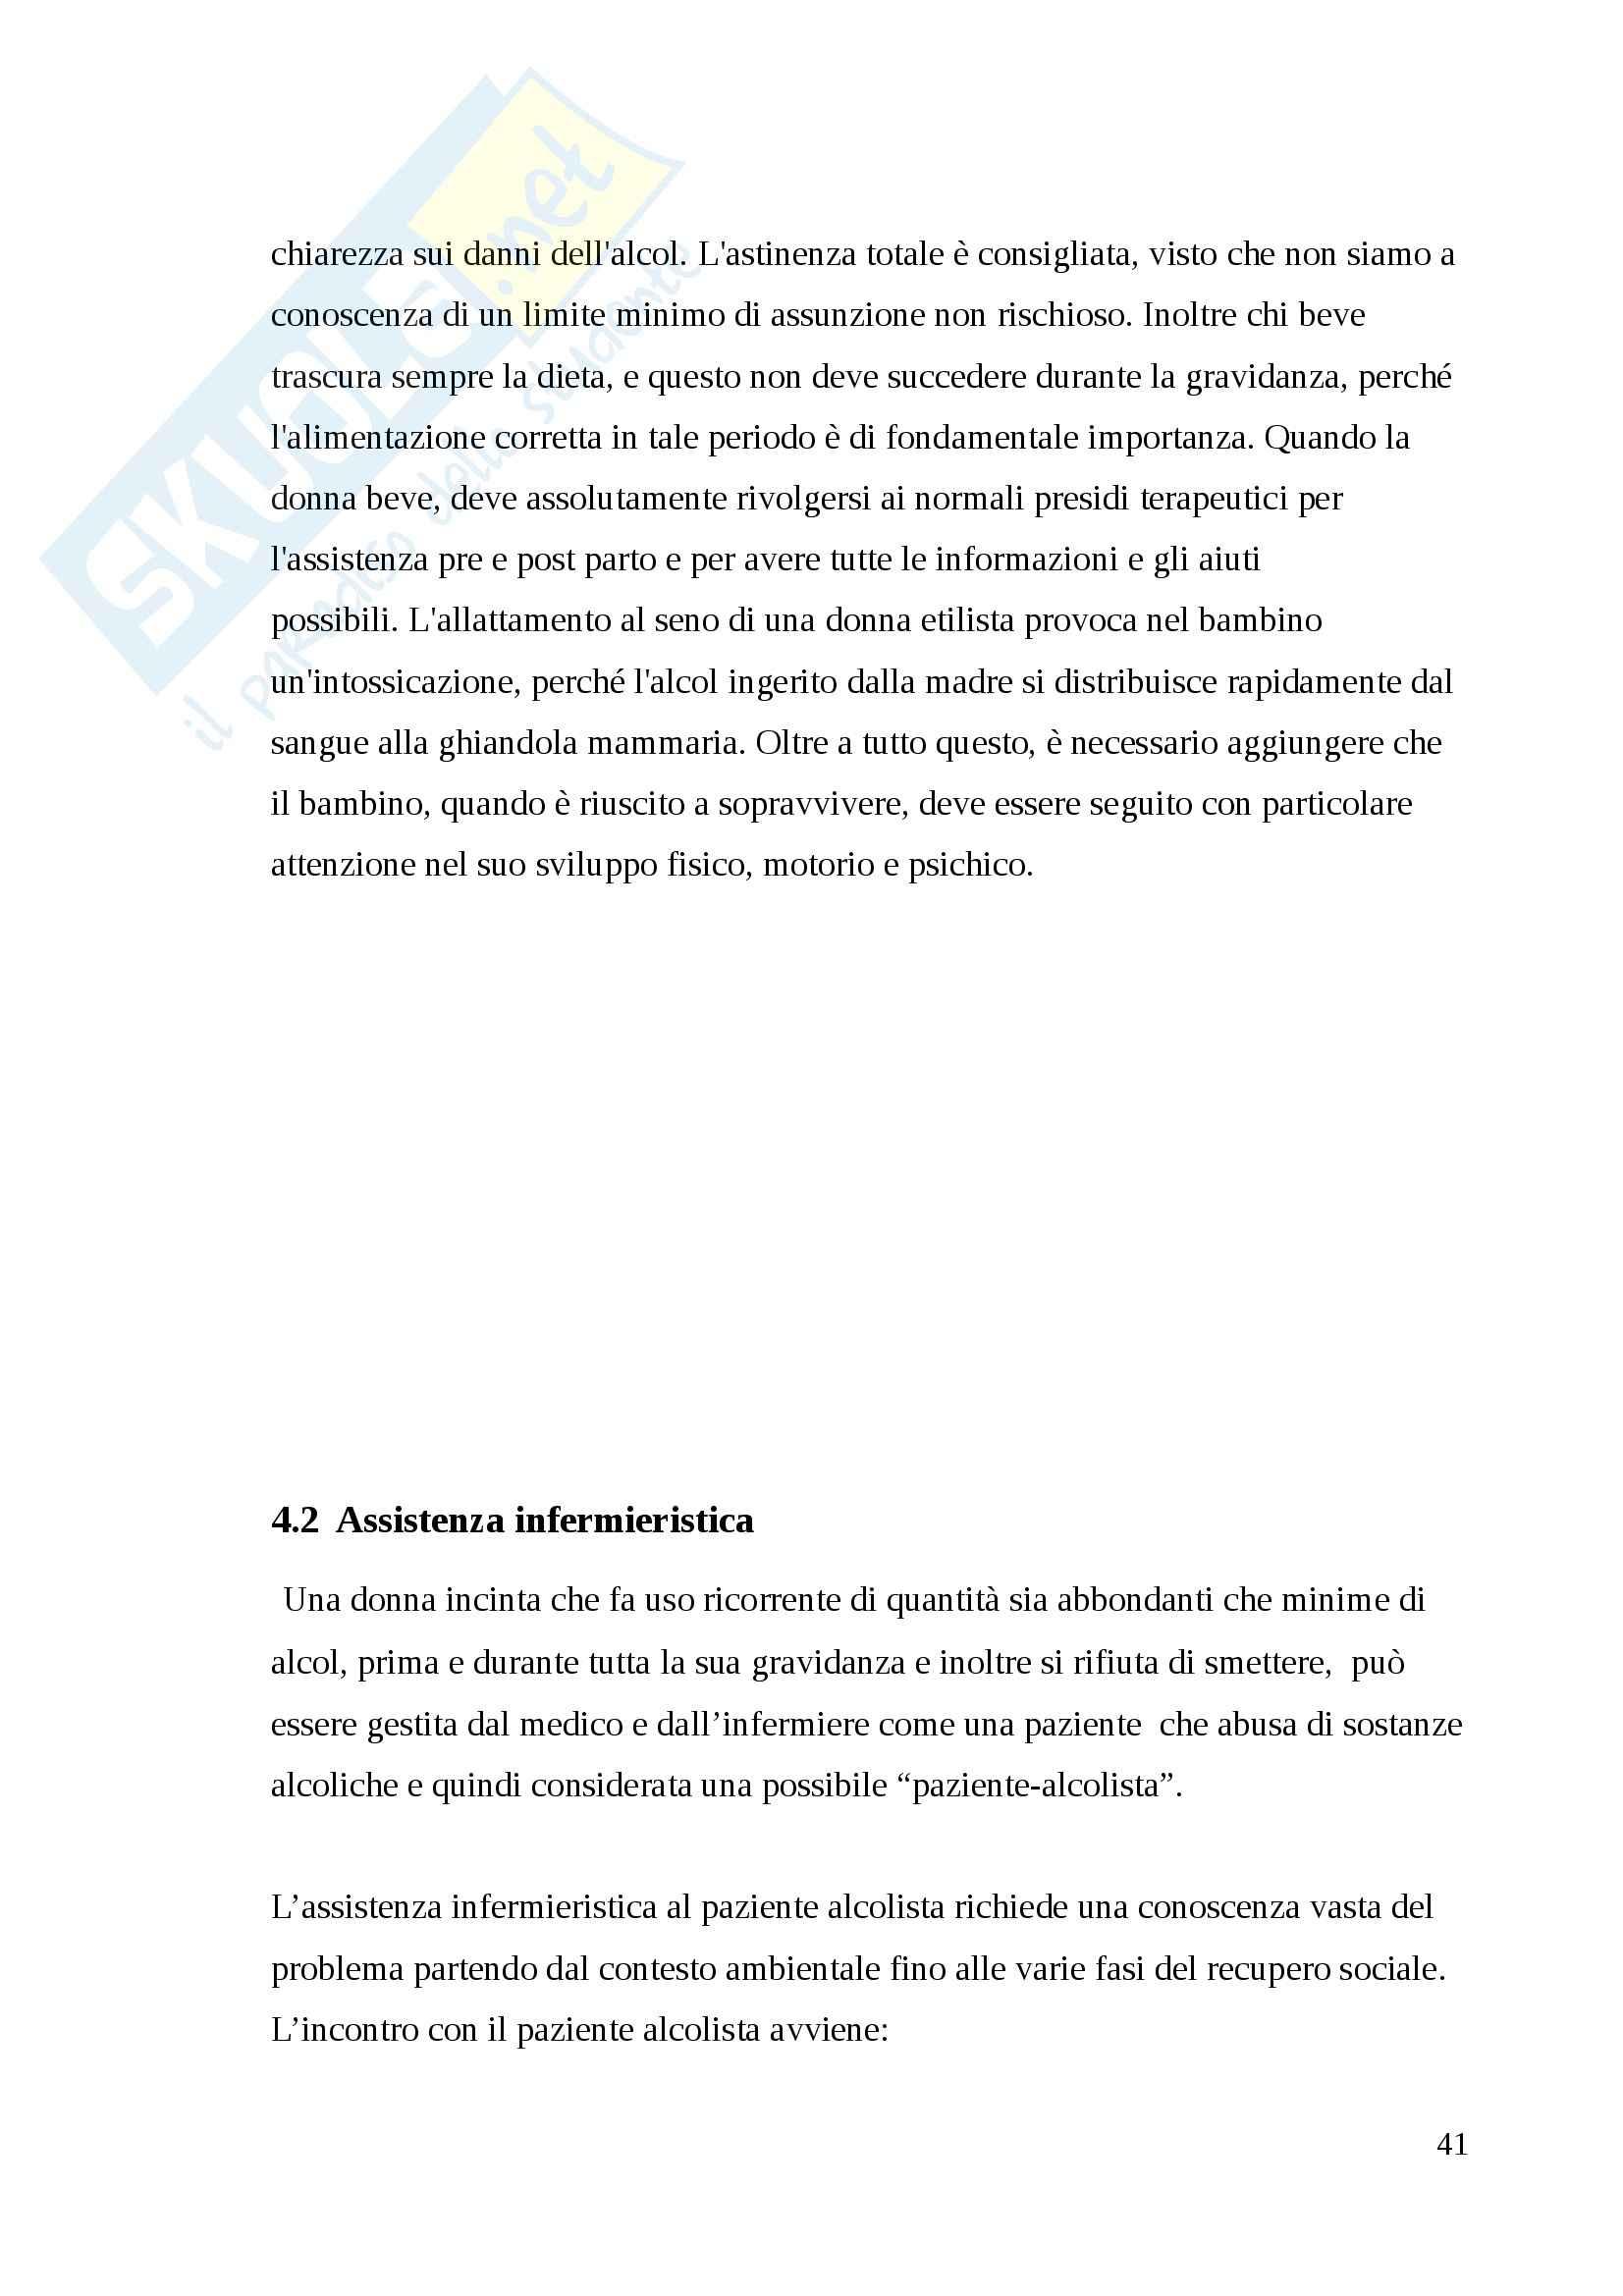 Sindrome fetoalcolica, Pediatria Pag. 41